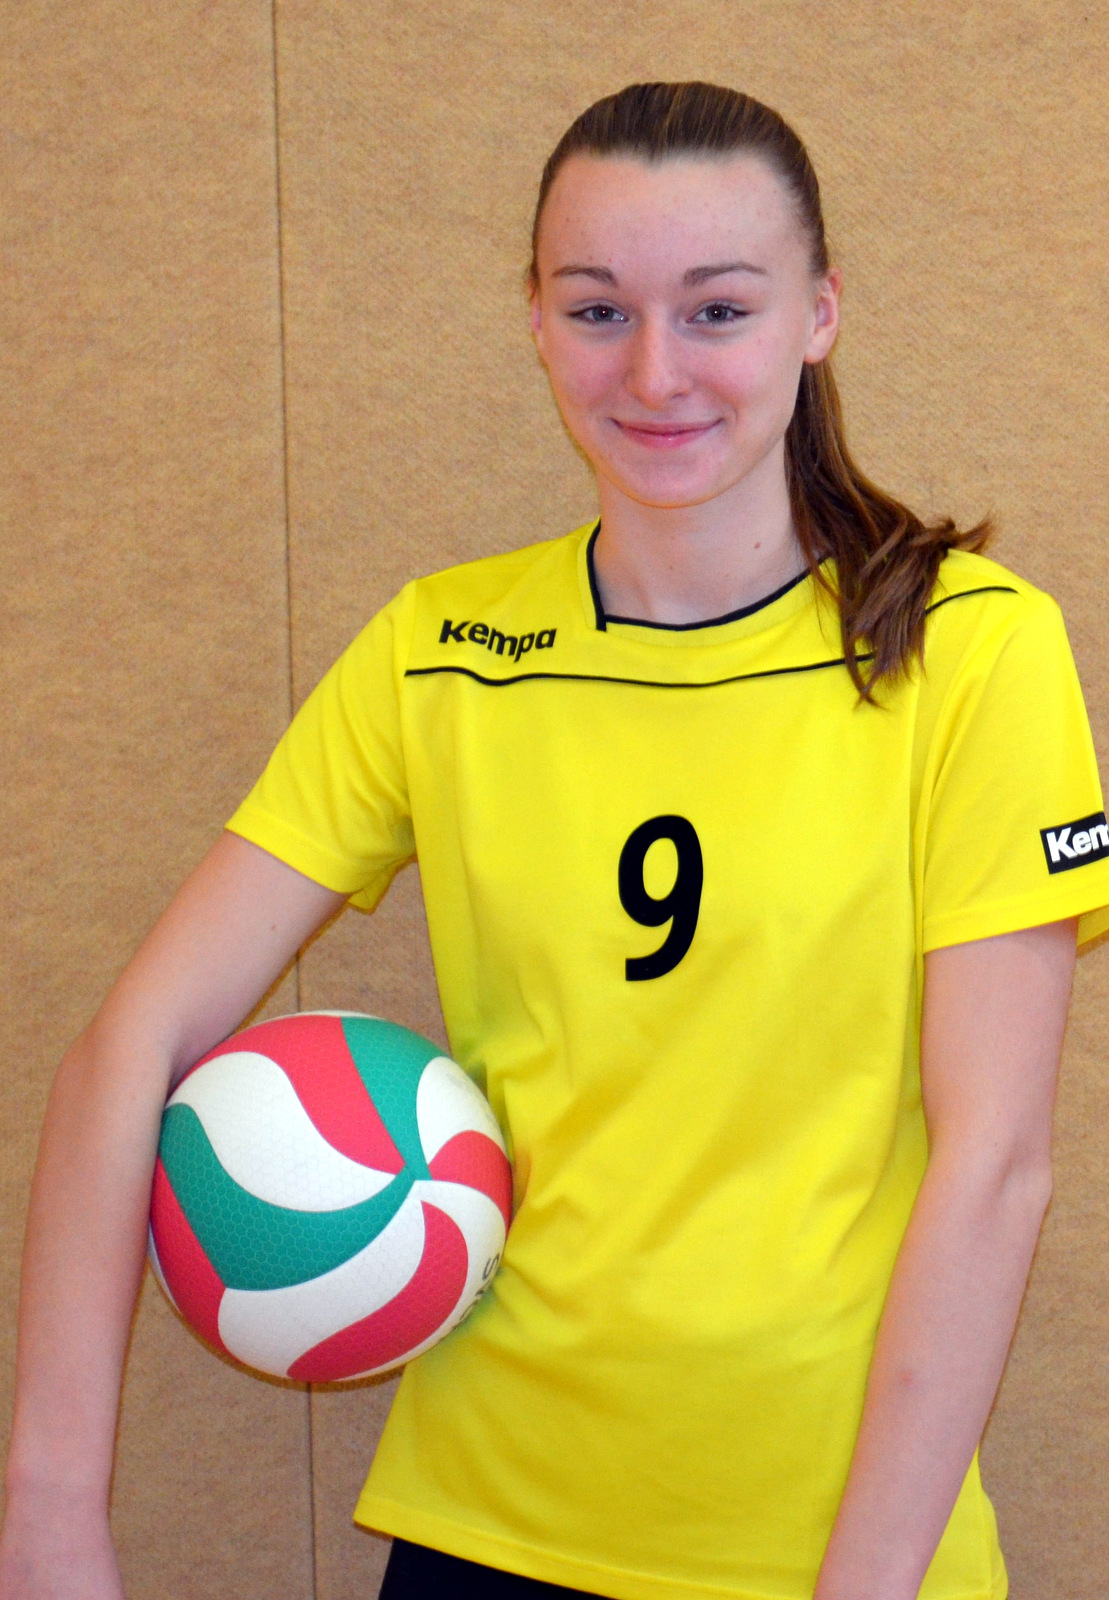 Charlotte Pigger